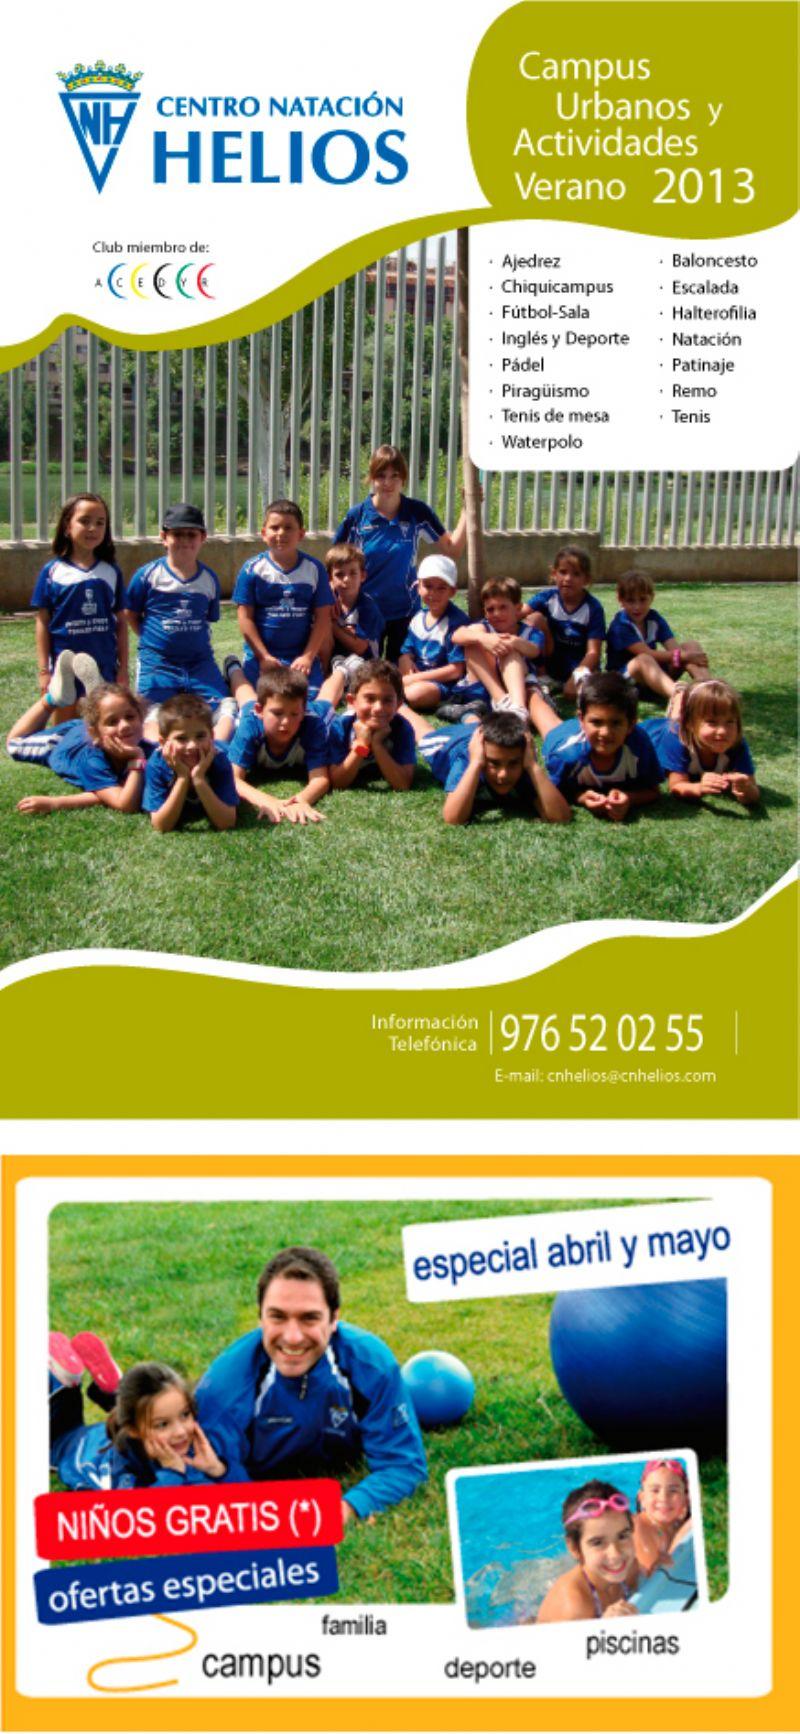 C. N. Helios lanza sus Campus de Verano 2013 y una promoción para abonarse en abril y mayo de 2013